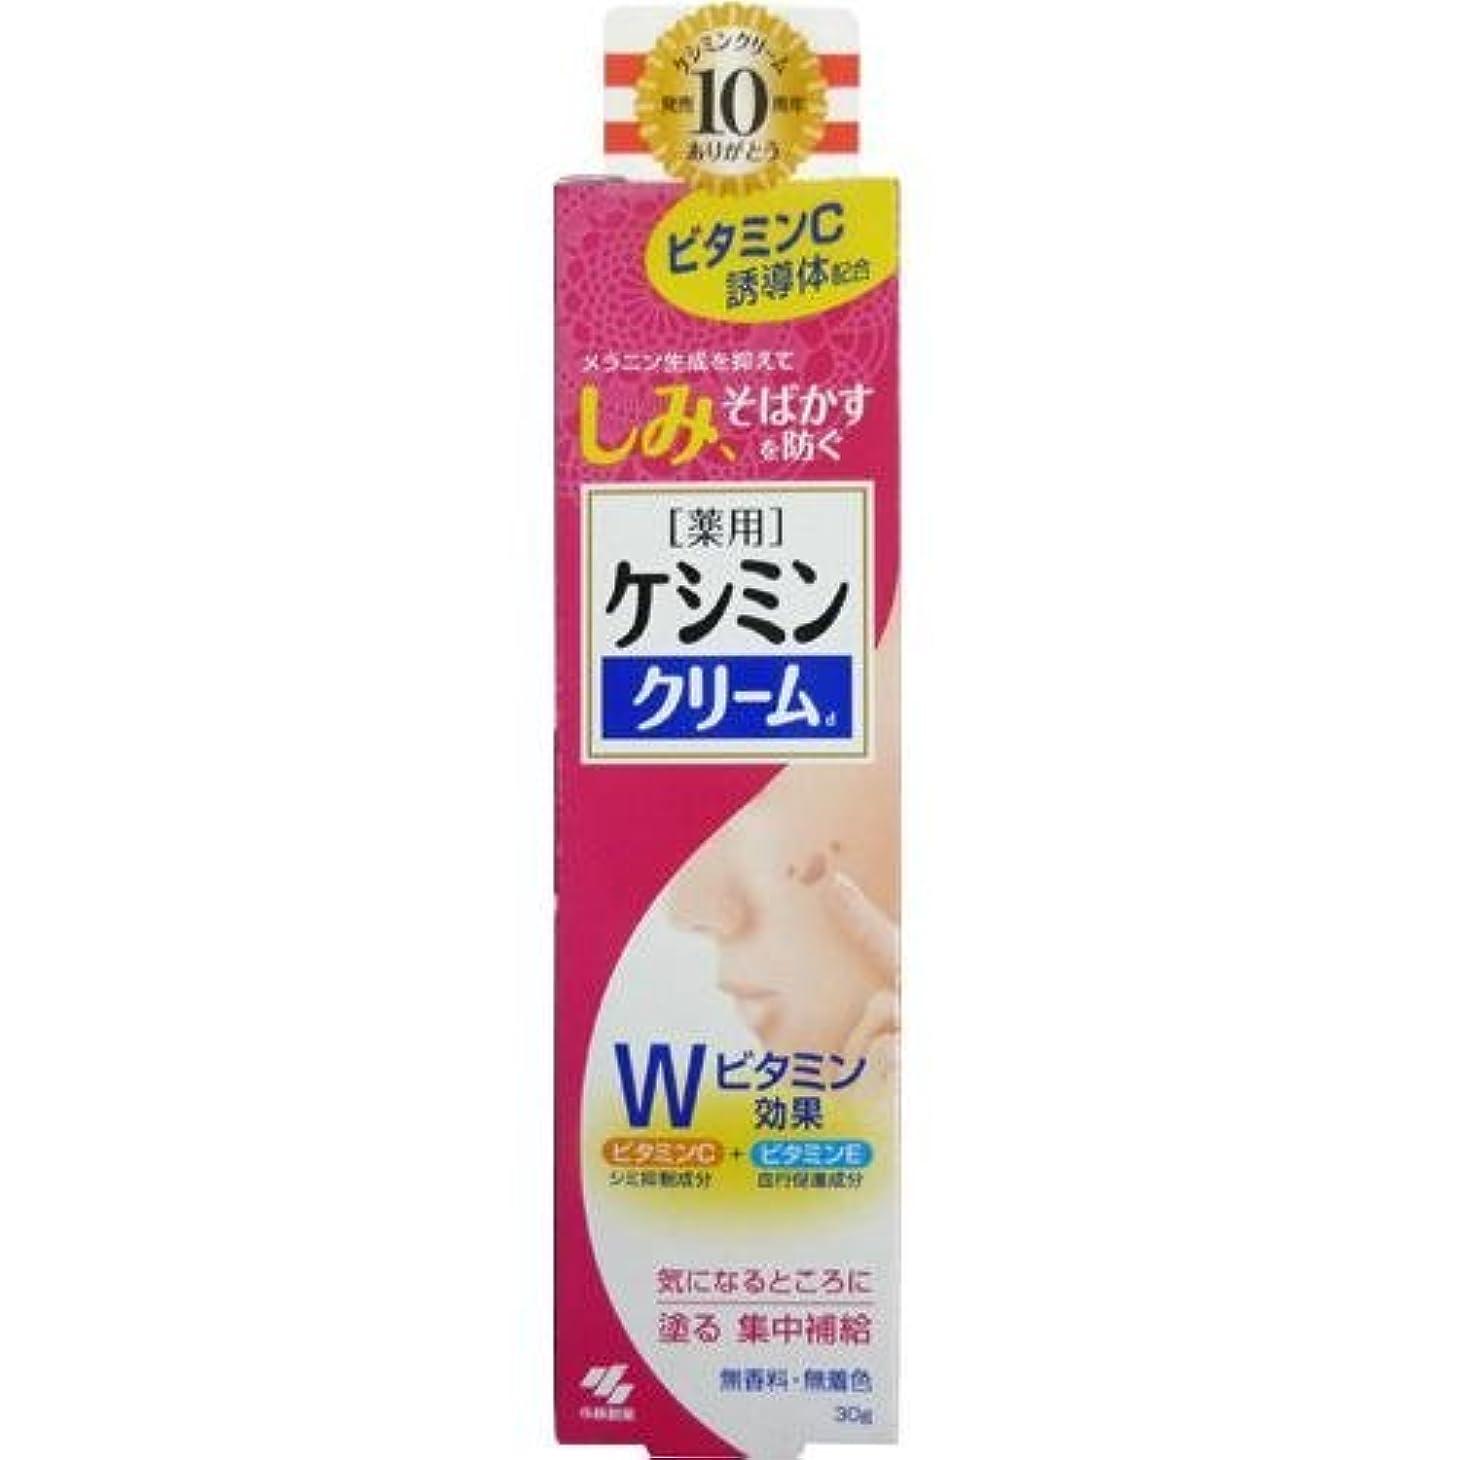 ポーター経済的セラフ【3個セット】薬用ケシミンクリームC 30G×3